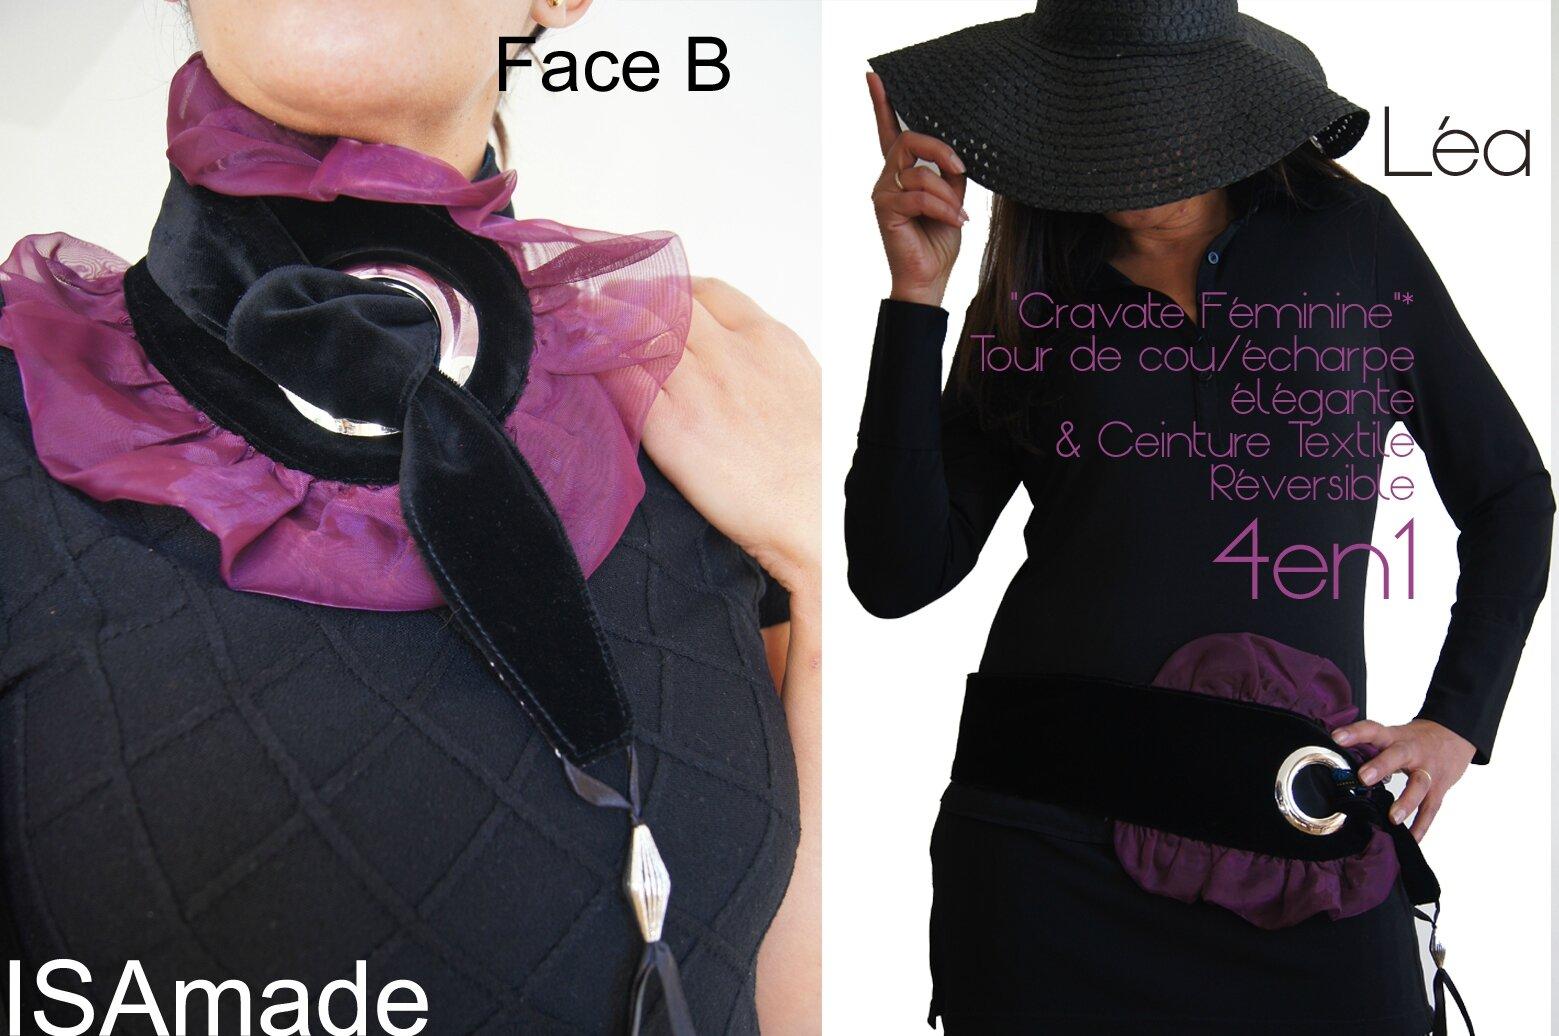 Cravate/ tour de Cou & Ceinture Reversible Chic et Précieuse : tissu imprimé Violet mauve noir et velours noir & Crème